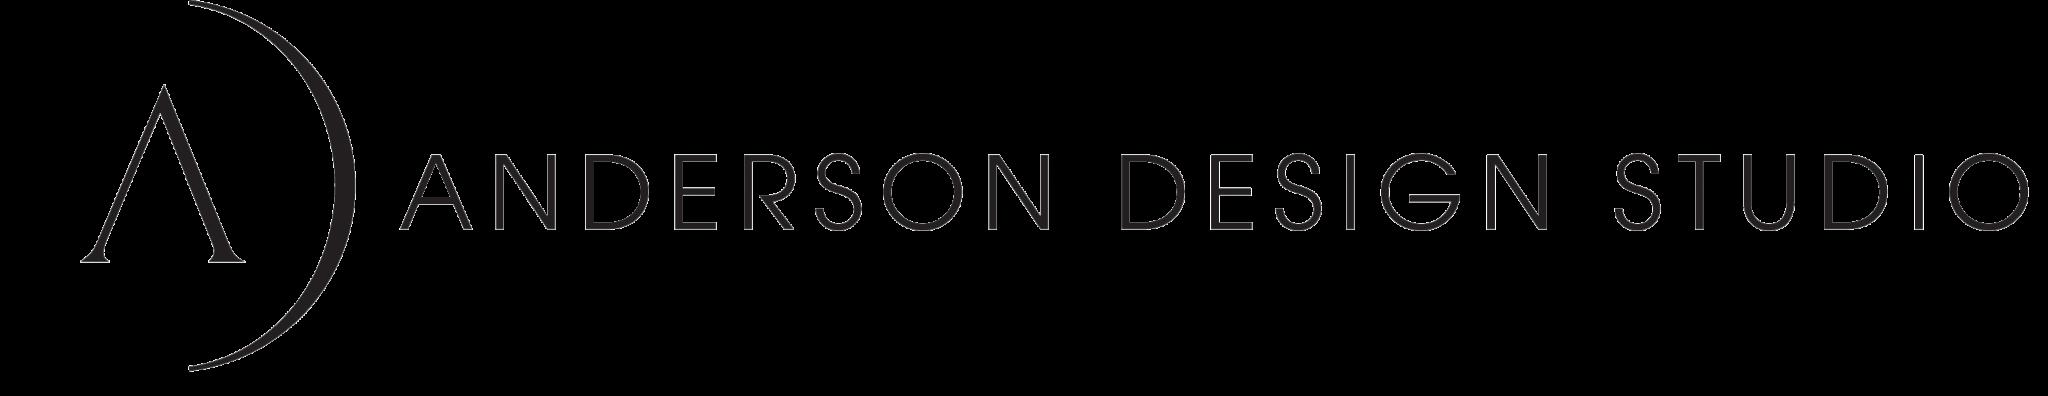 Anderson Design Studio – Interior Design